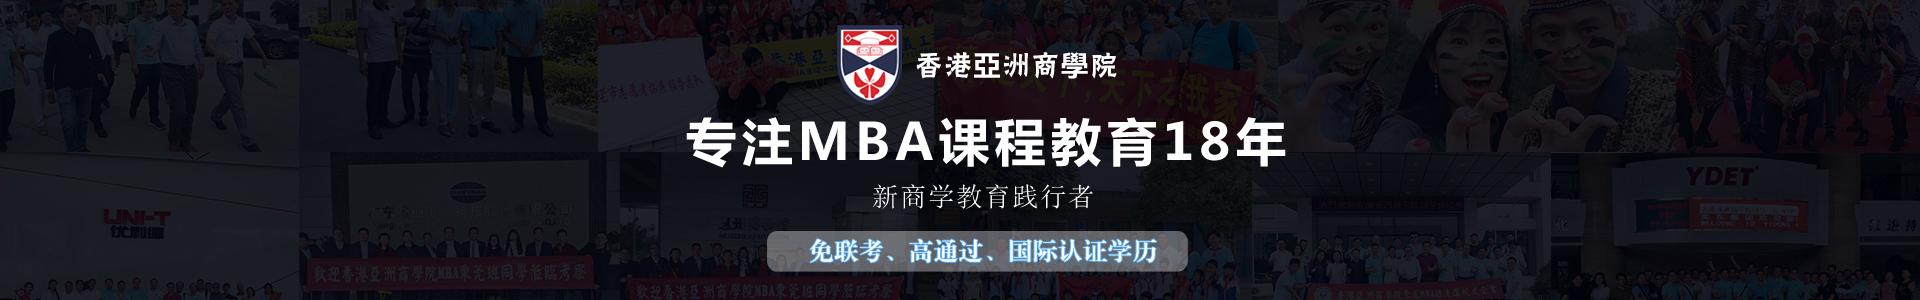 南昌亚商学院MBA培训学校